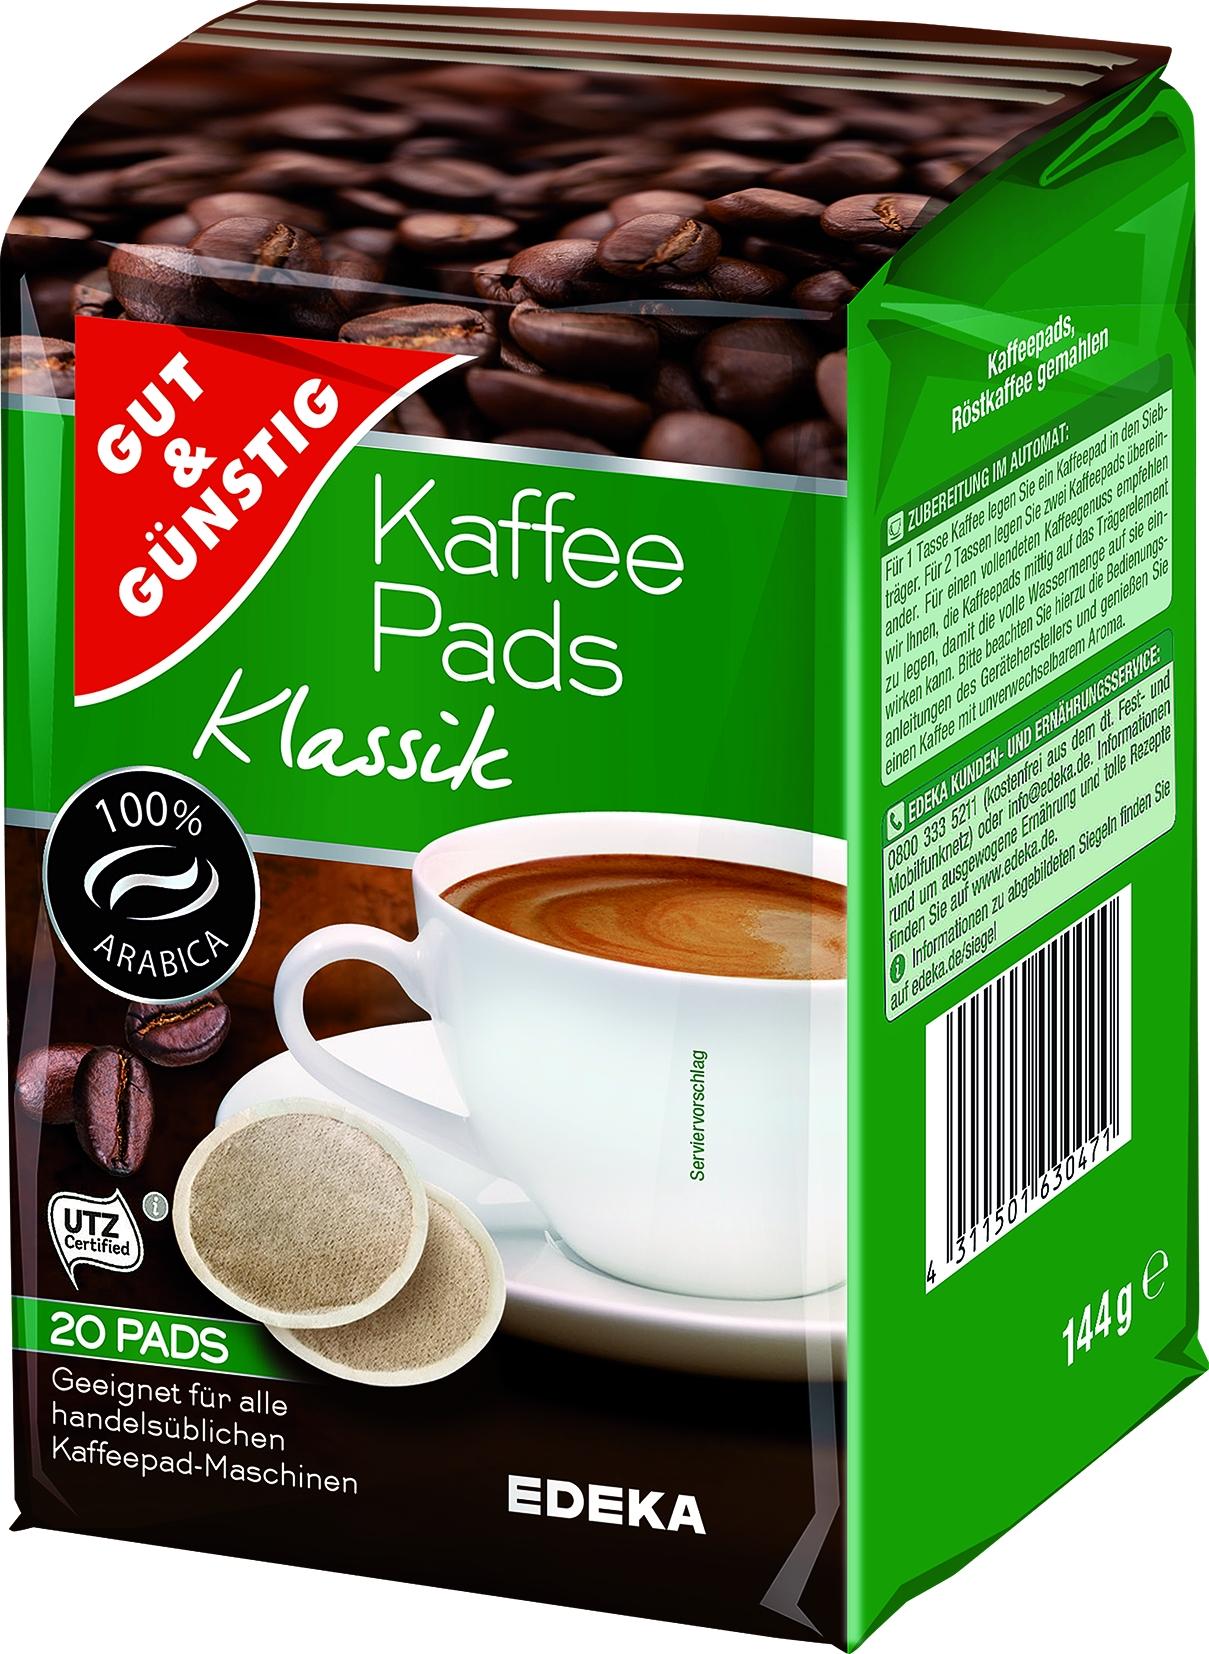 Kaffee Pads Klassik